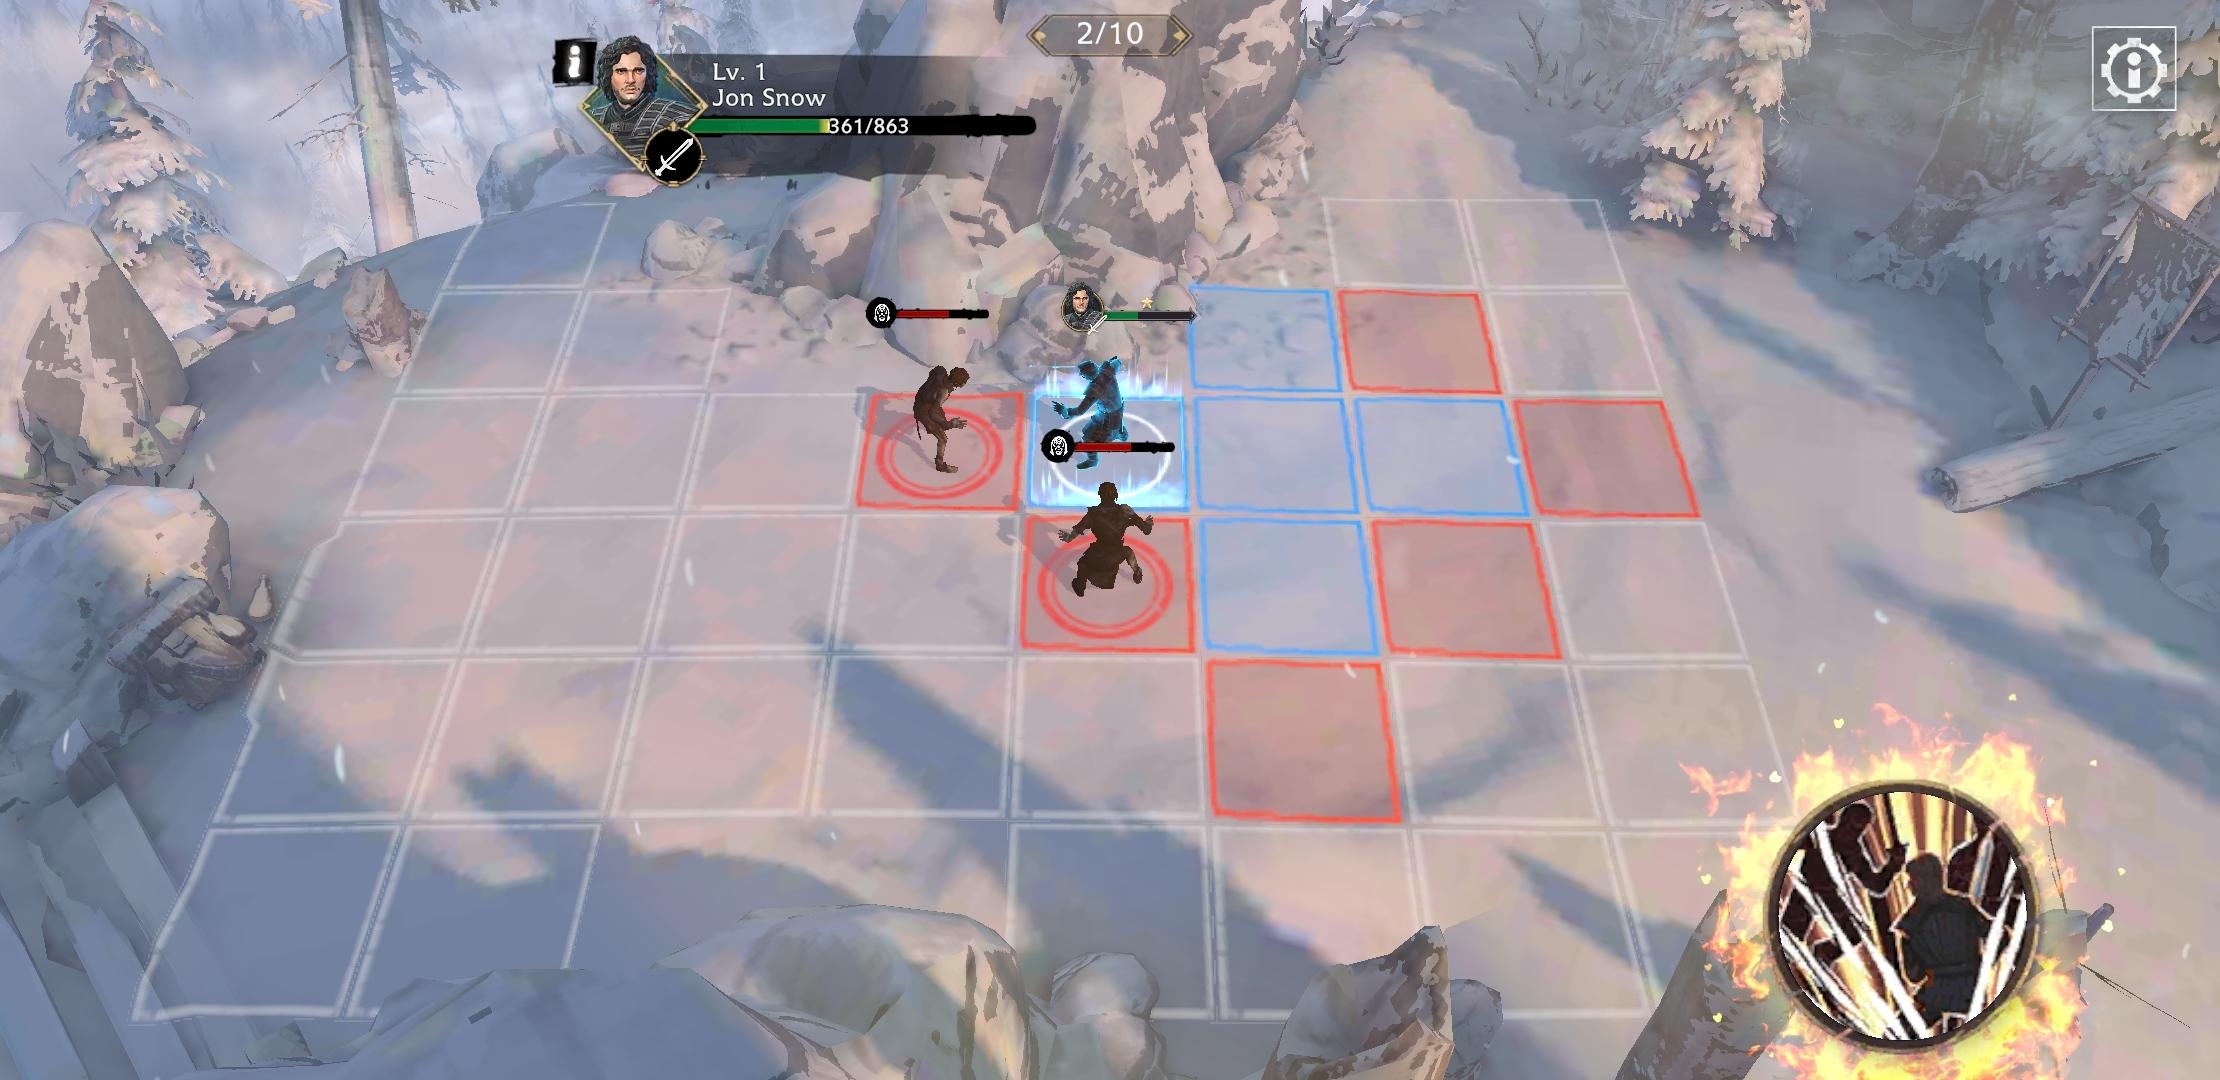 Les combats se déroulent en tour par tour et semblent être inspirés par la franchise Fire Emblem